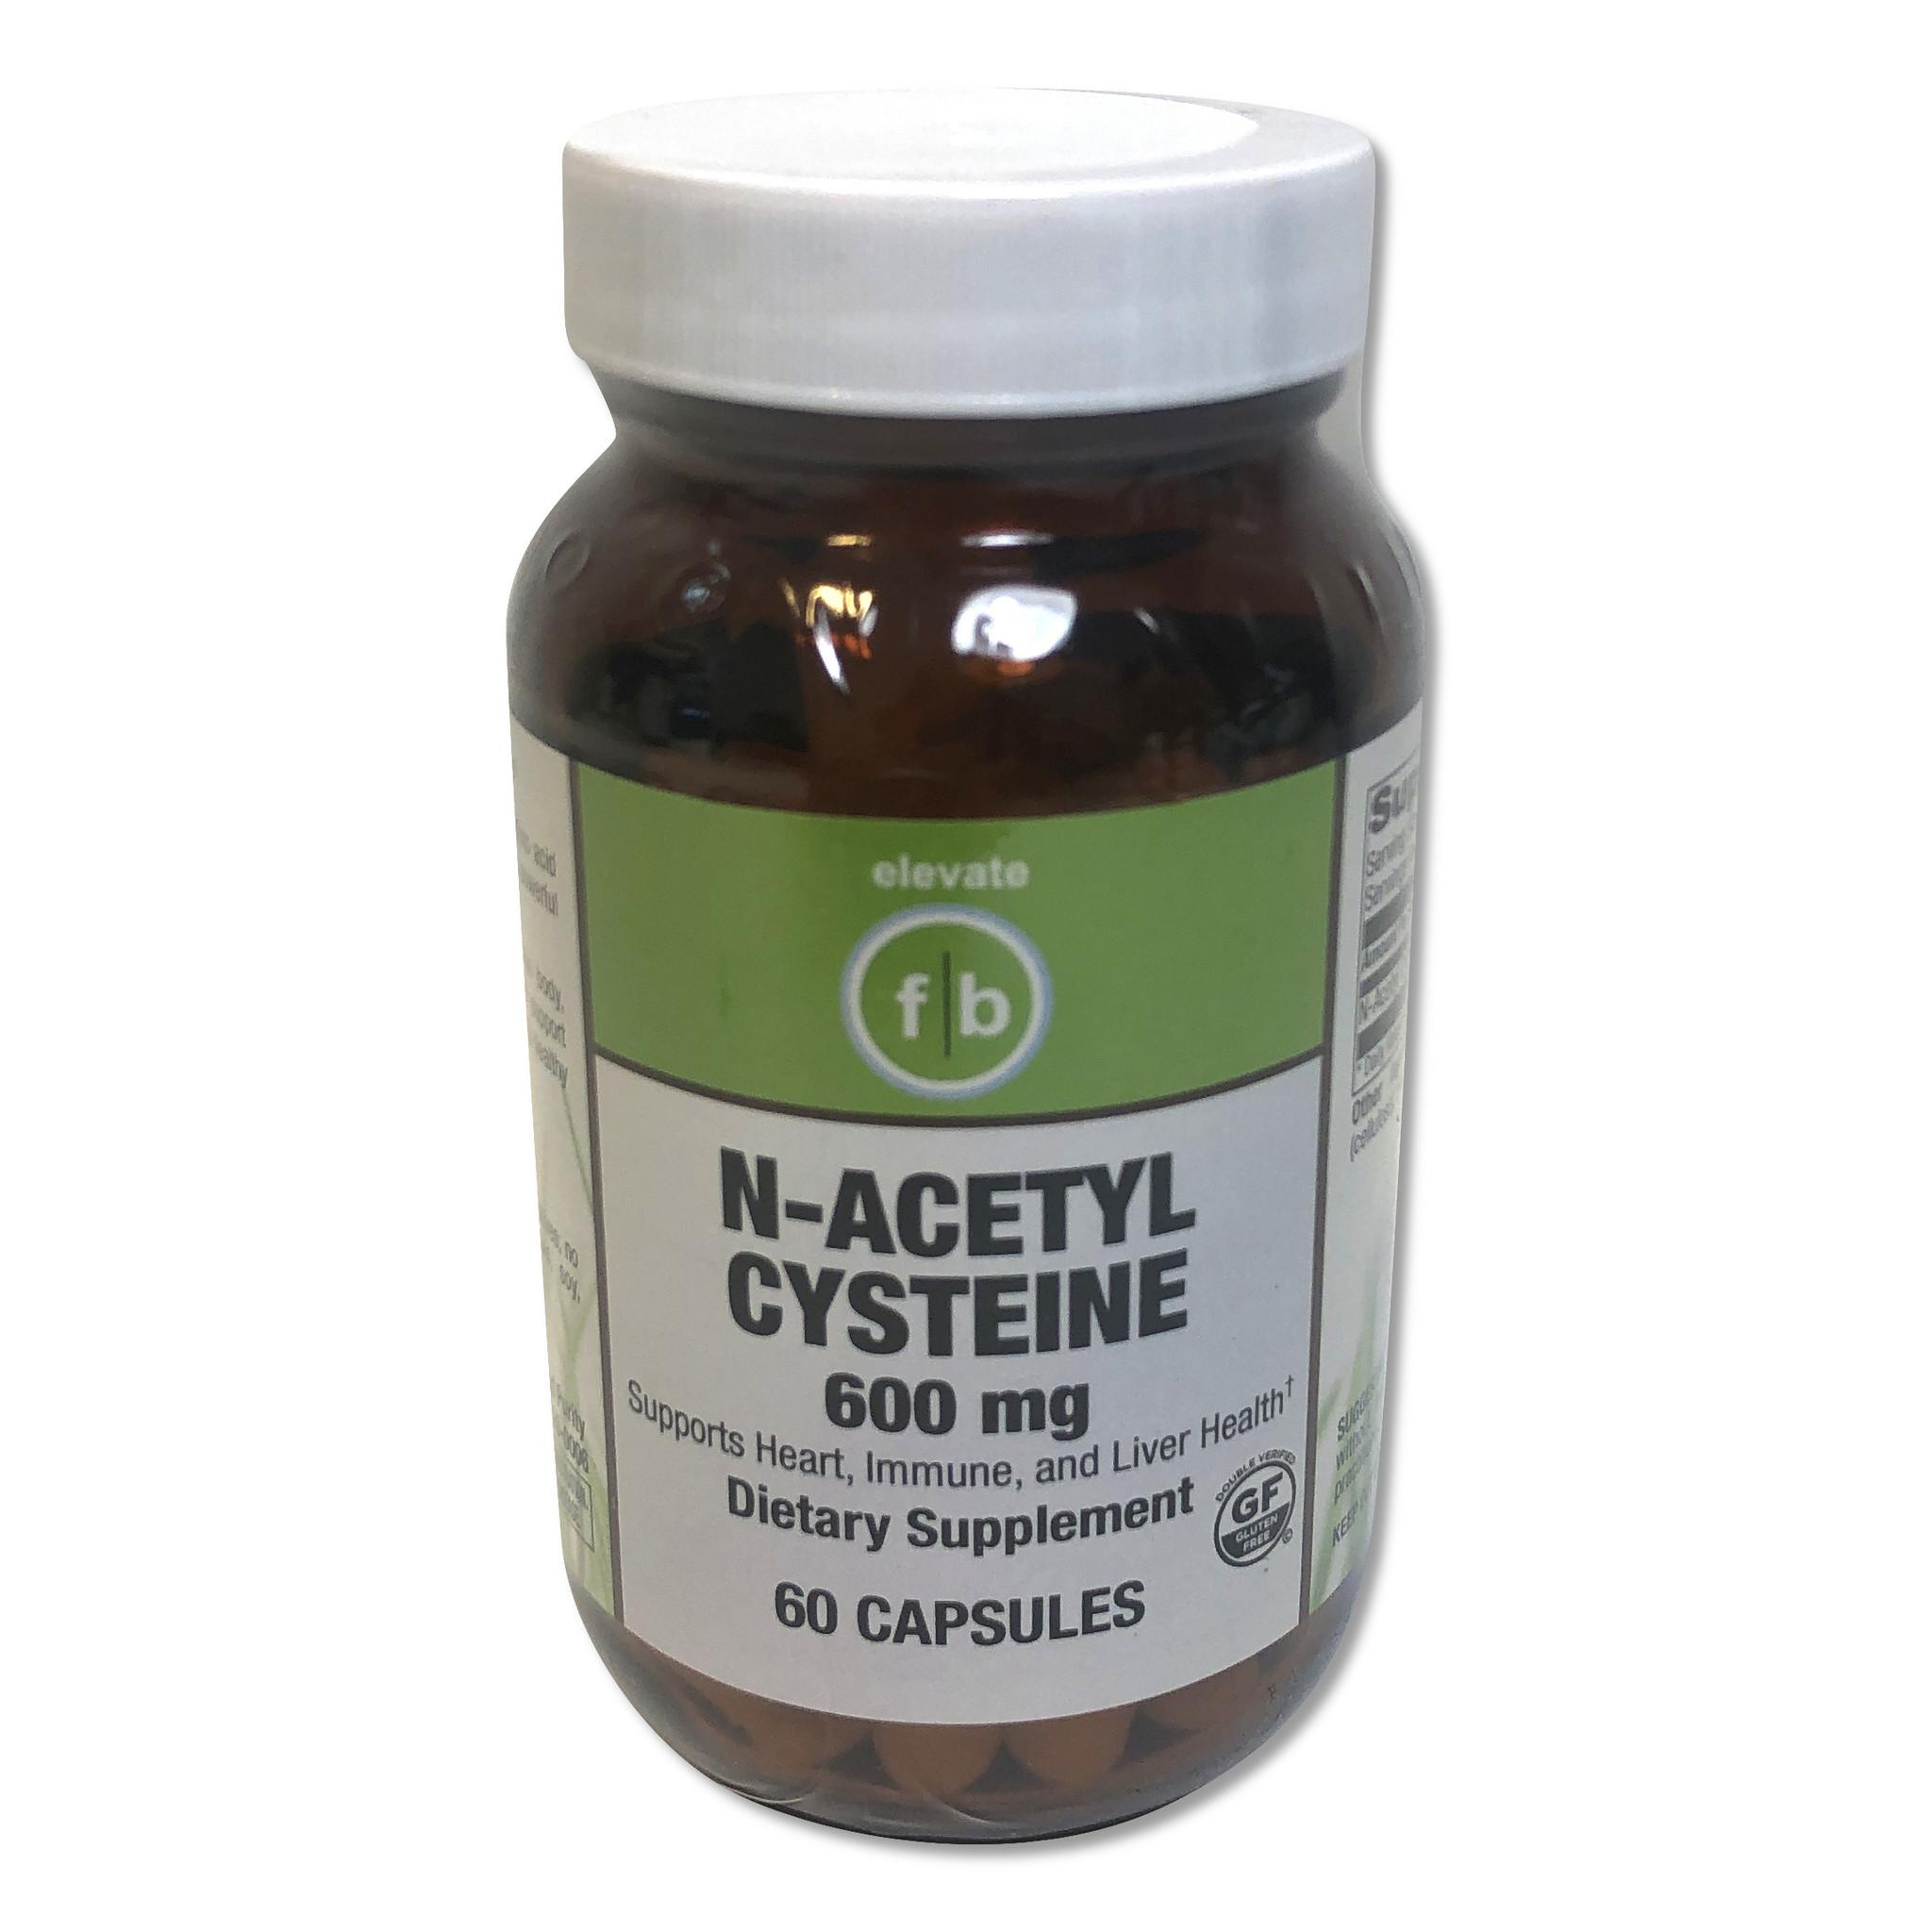 N-Acetyl Cysteine 600mg-1